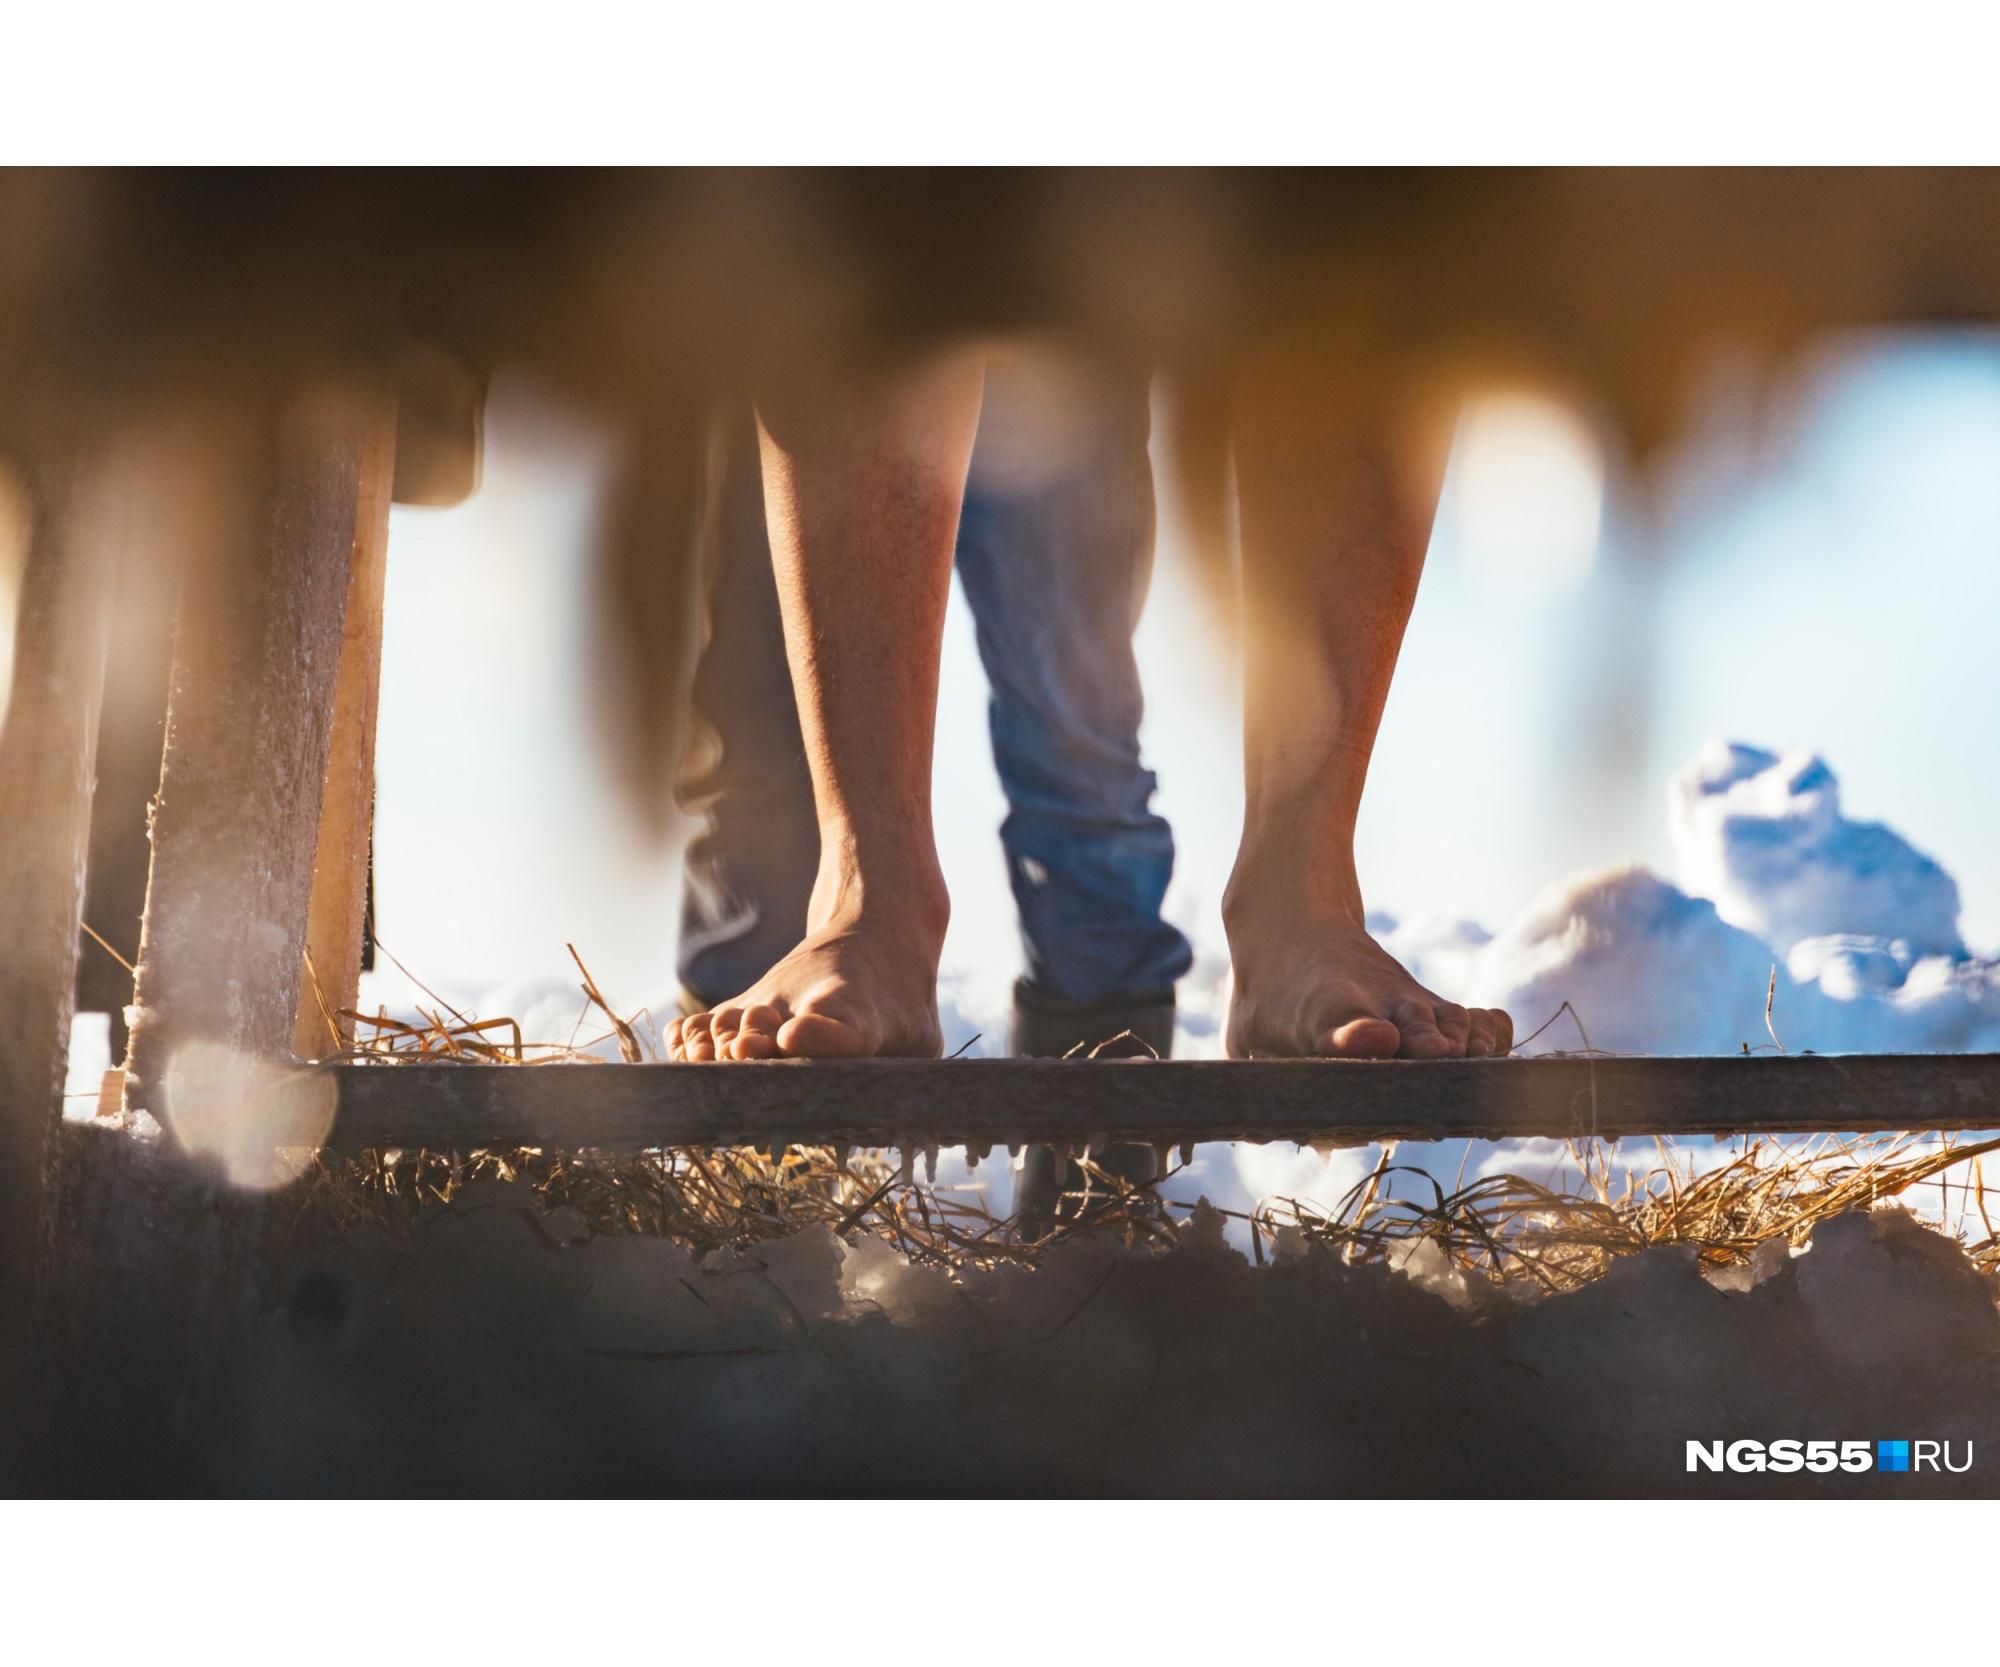 Эти ноги готовы шагнуть в холодную воду